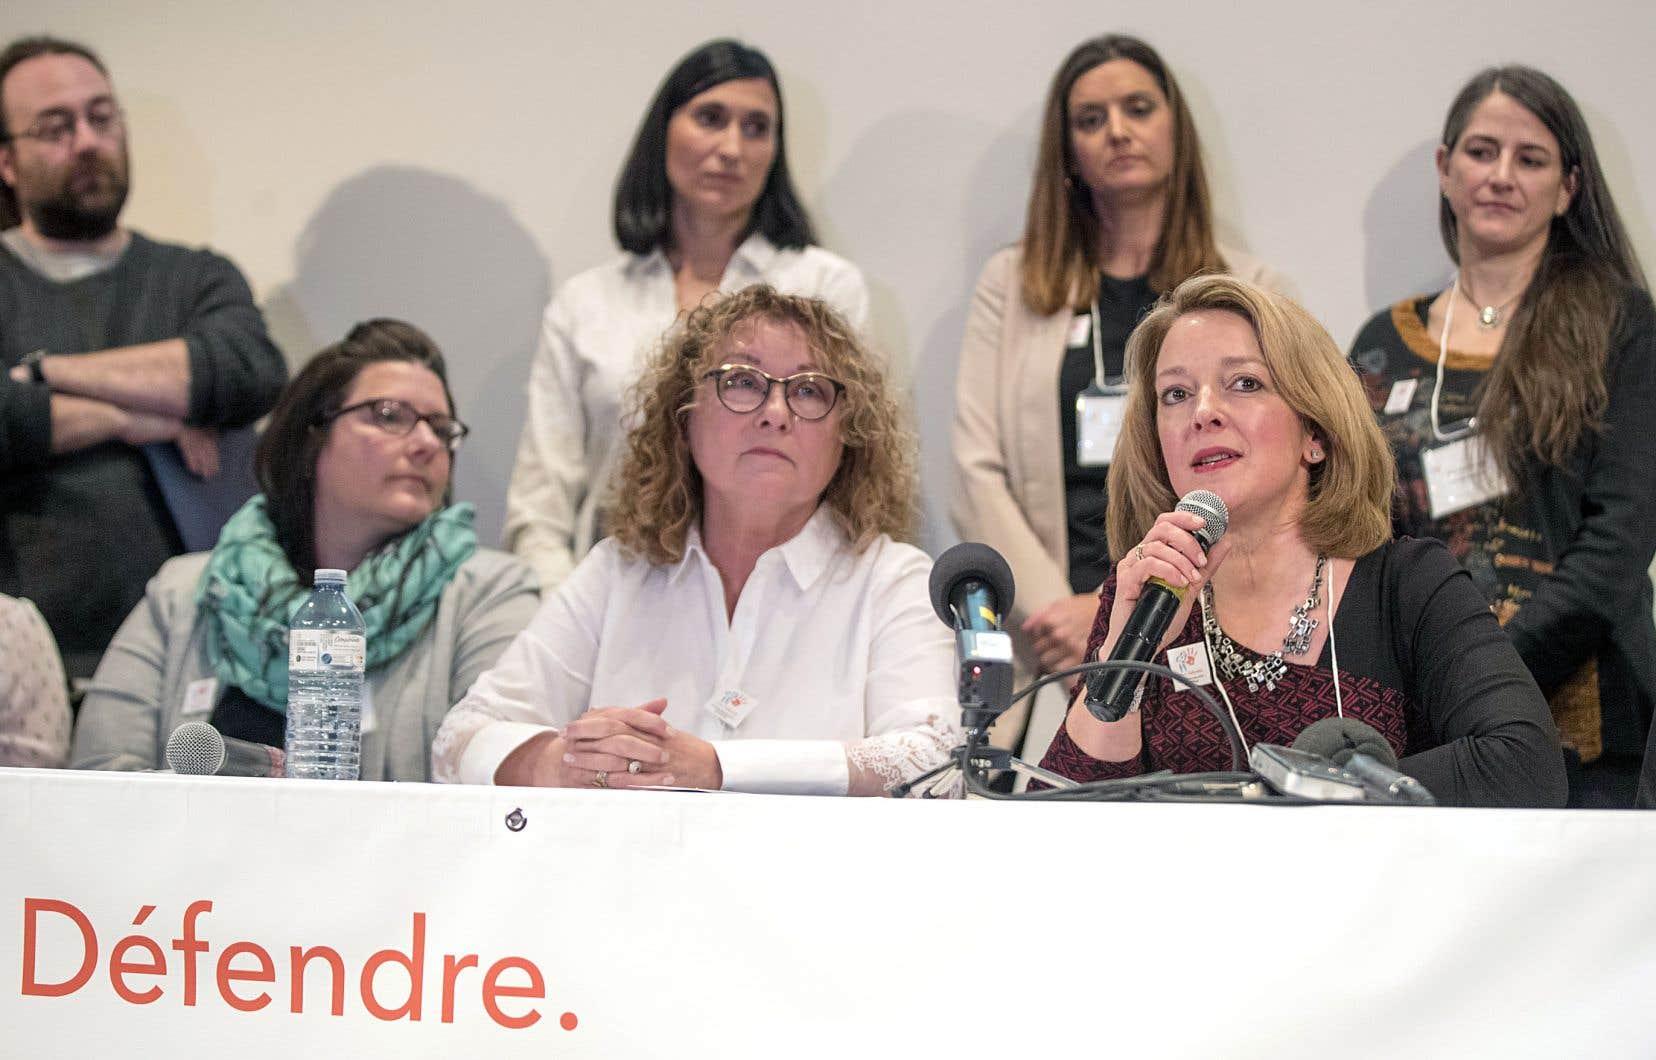 L'ex-ministre libérale Marguerite Blais explique son appui aux revendications des militants pour l'indépendance duCHU Sainte-Justine autant par ses expériences personnelles à cet hôpital que par son combat pour les proches aidants.